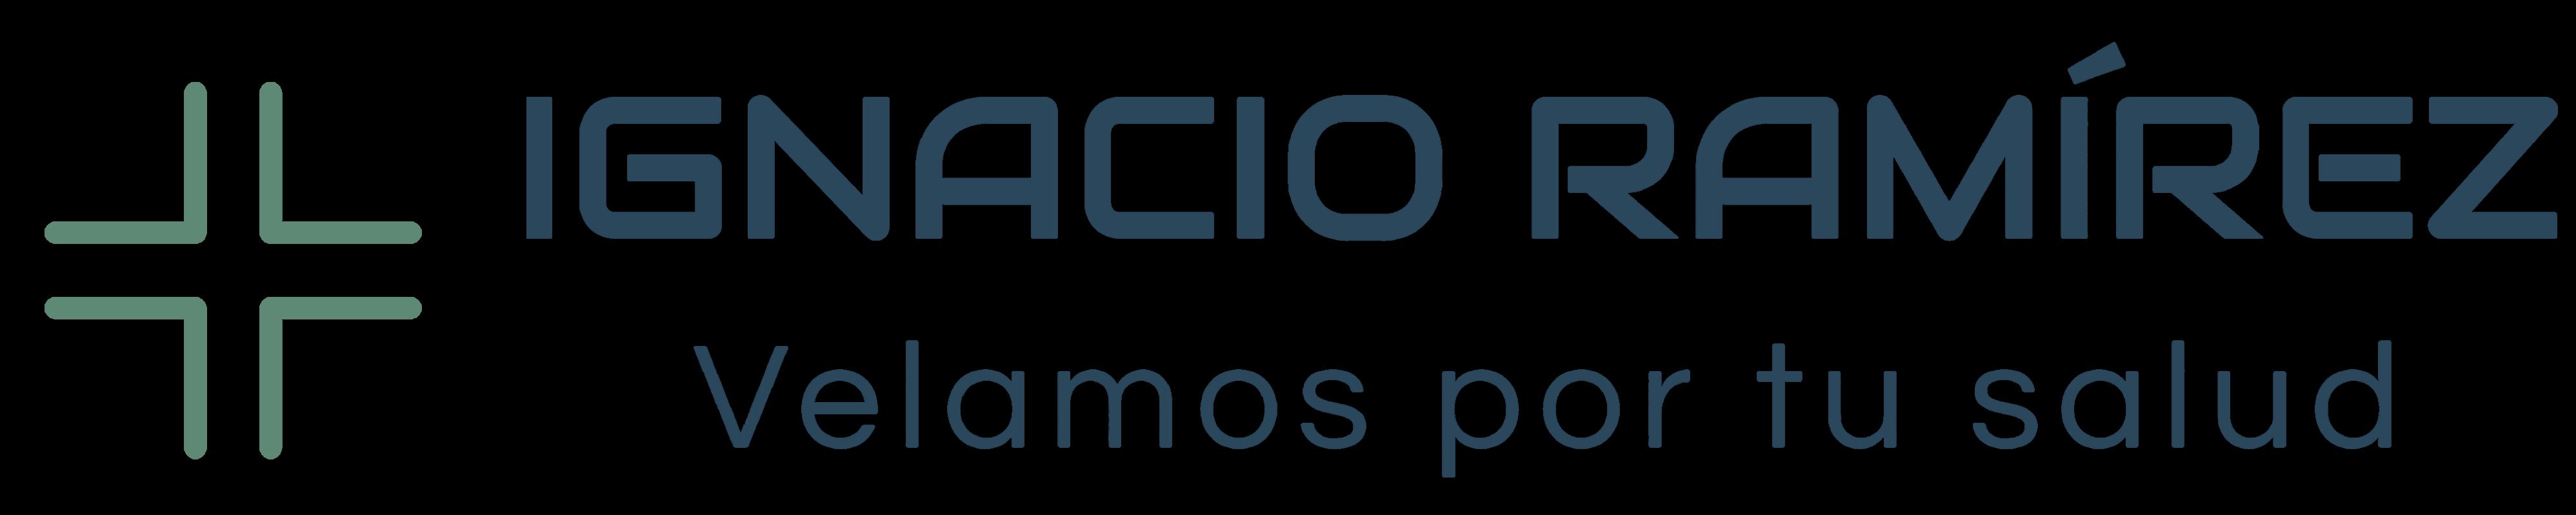 Farmacia Ignacio Ramirez